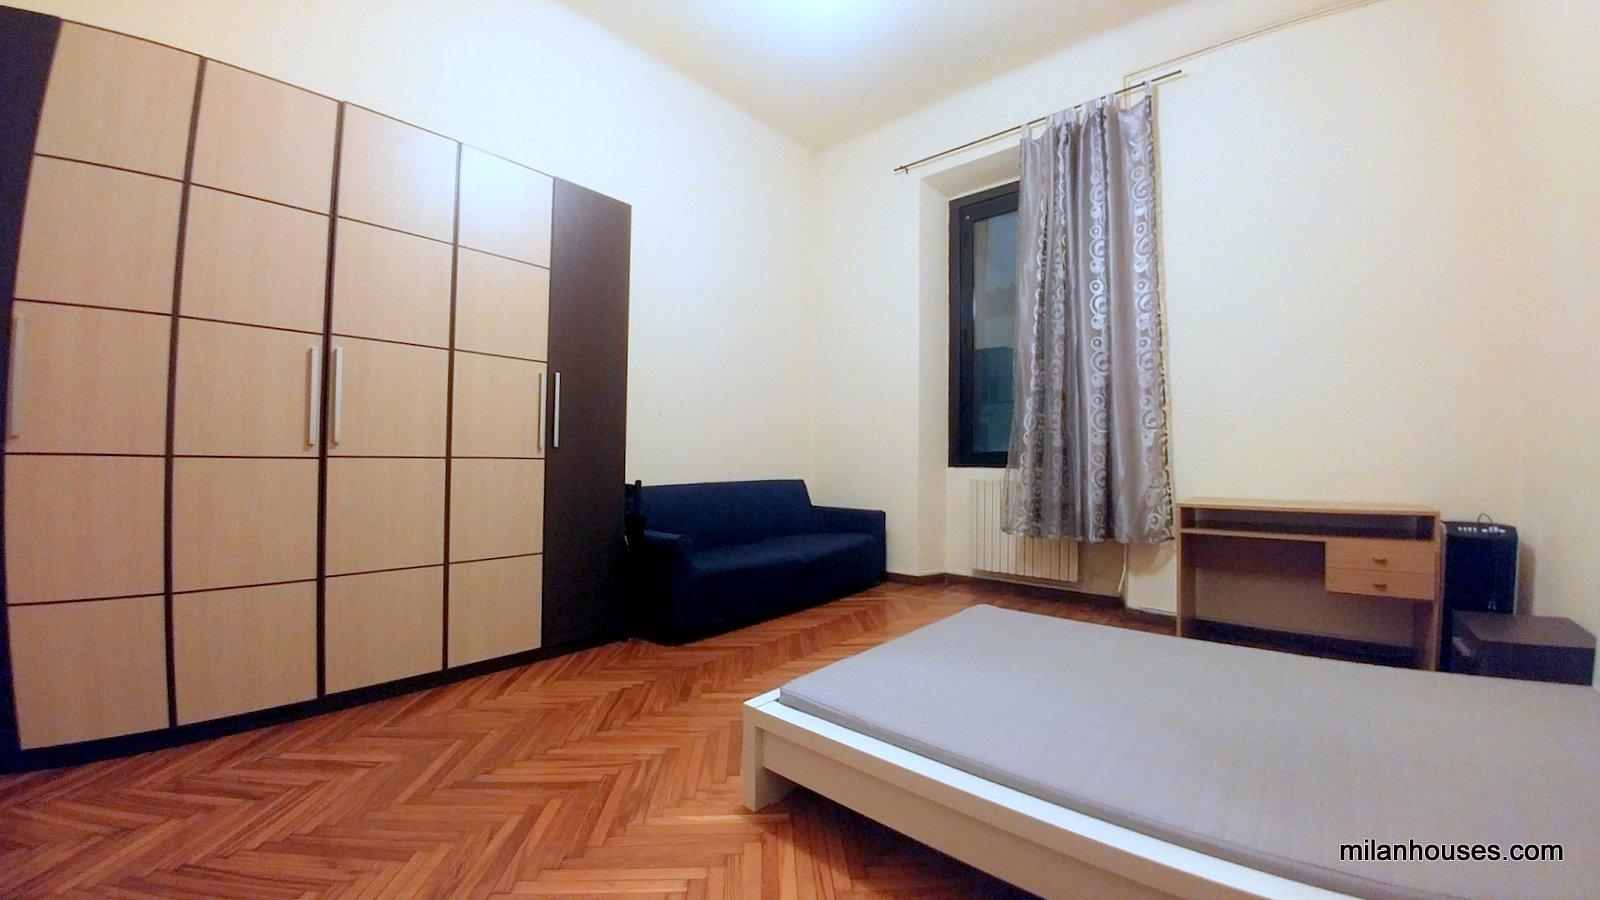 Appartamento in affitto a Milano in Via Alserio